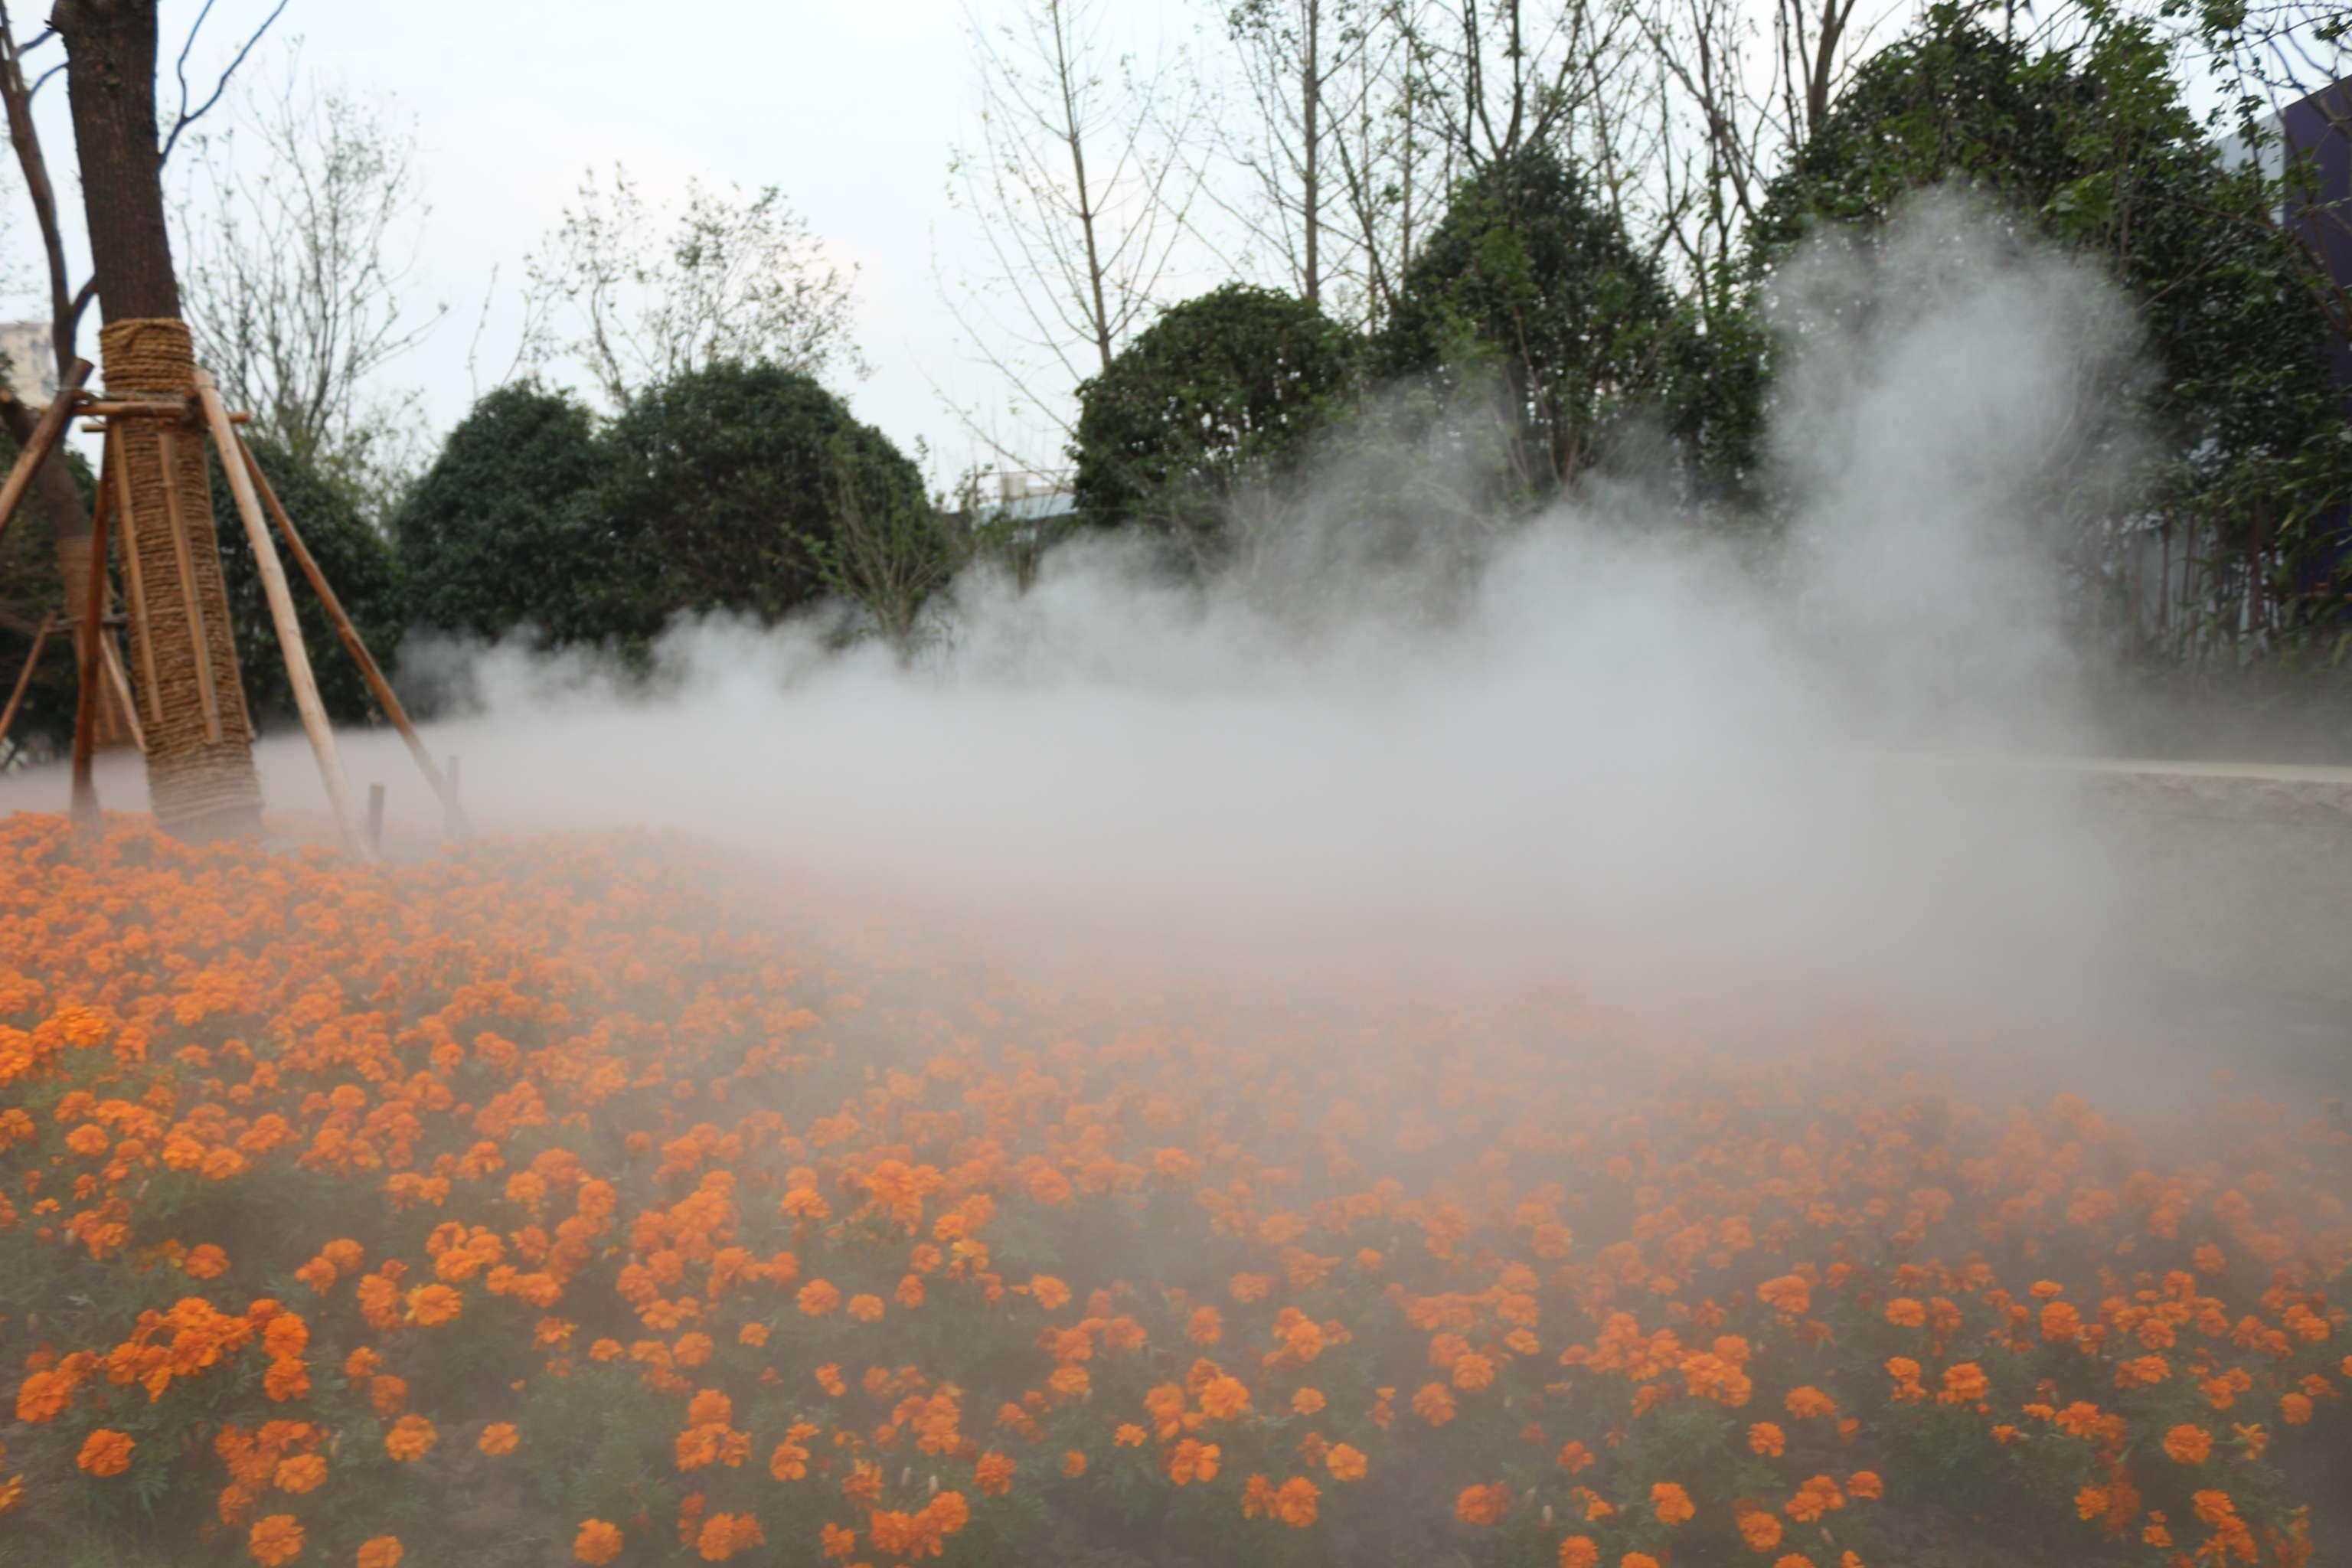 喷雾造景,雾森设备,人造雾